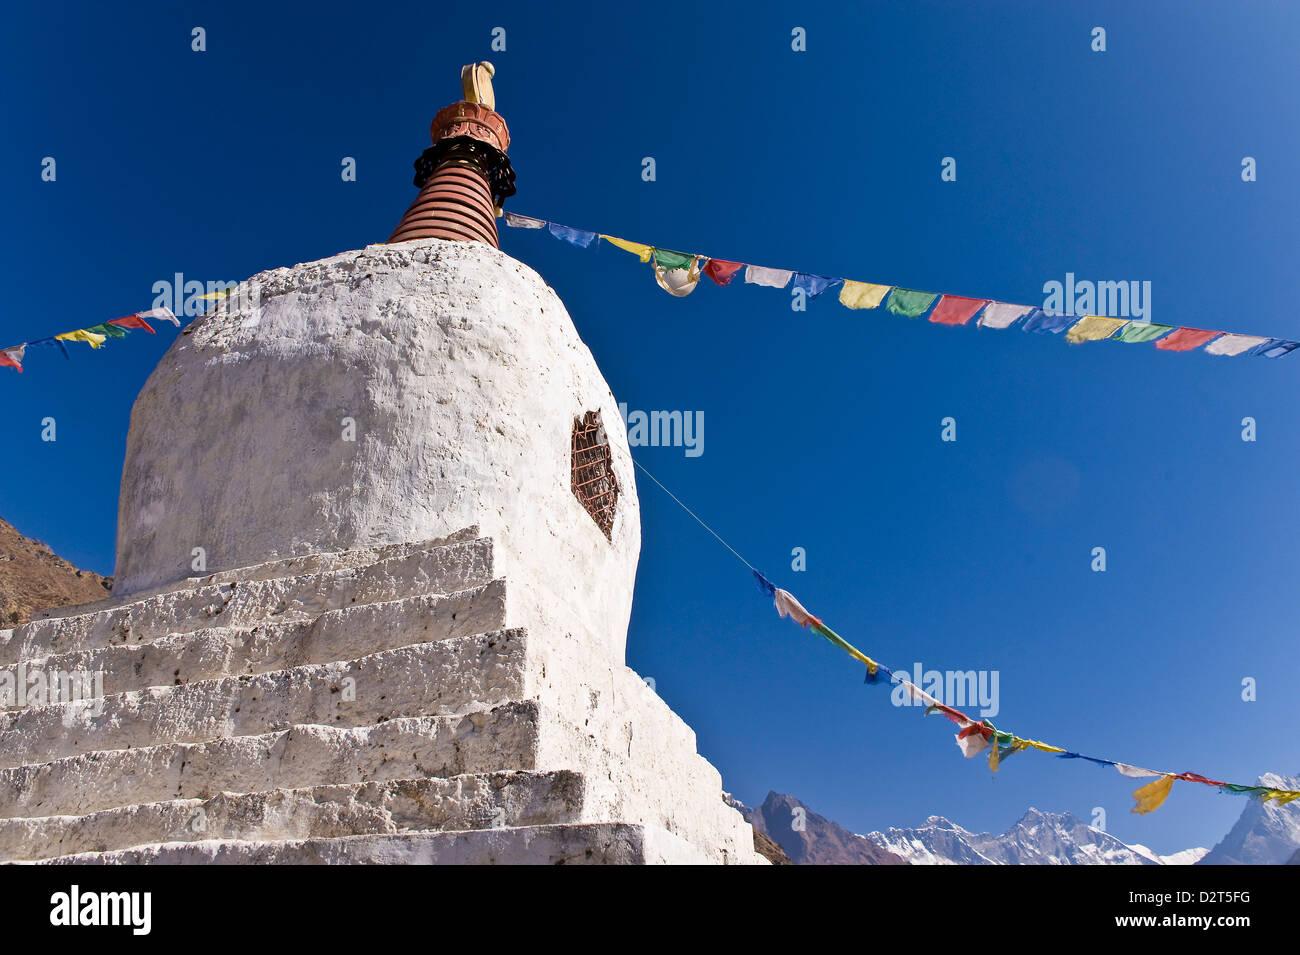 Chorten, Khumbu (Everest) Region, Nepal, Himalayas, Asia - Stock Image